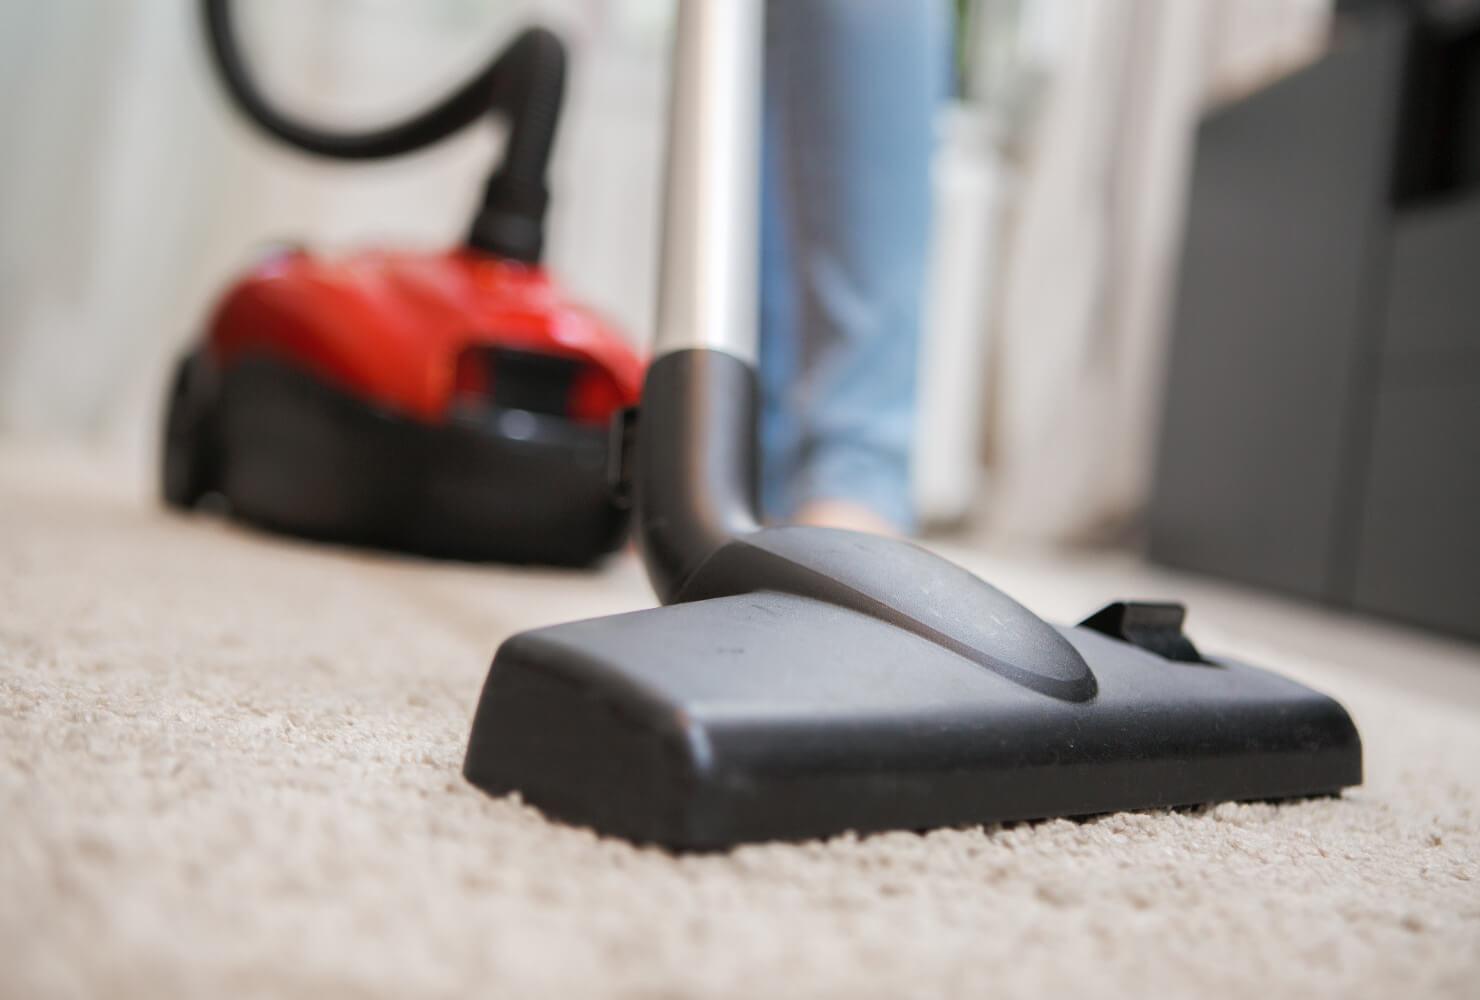 Vacuum Sales